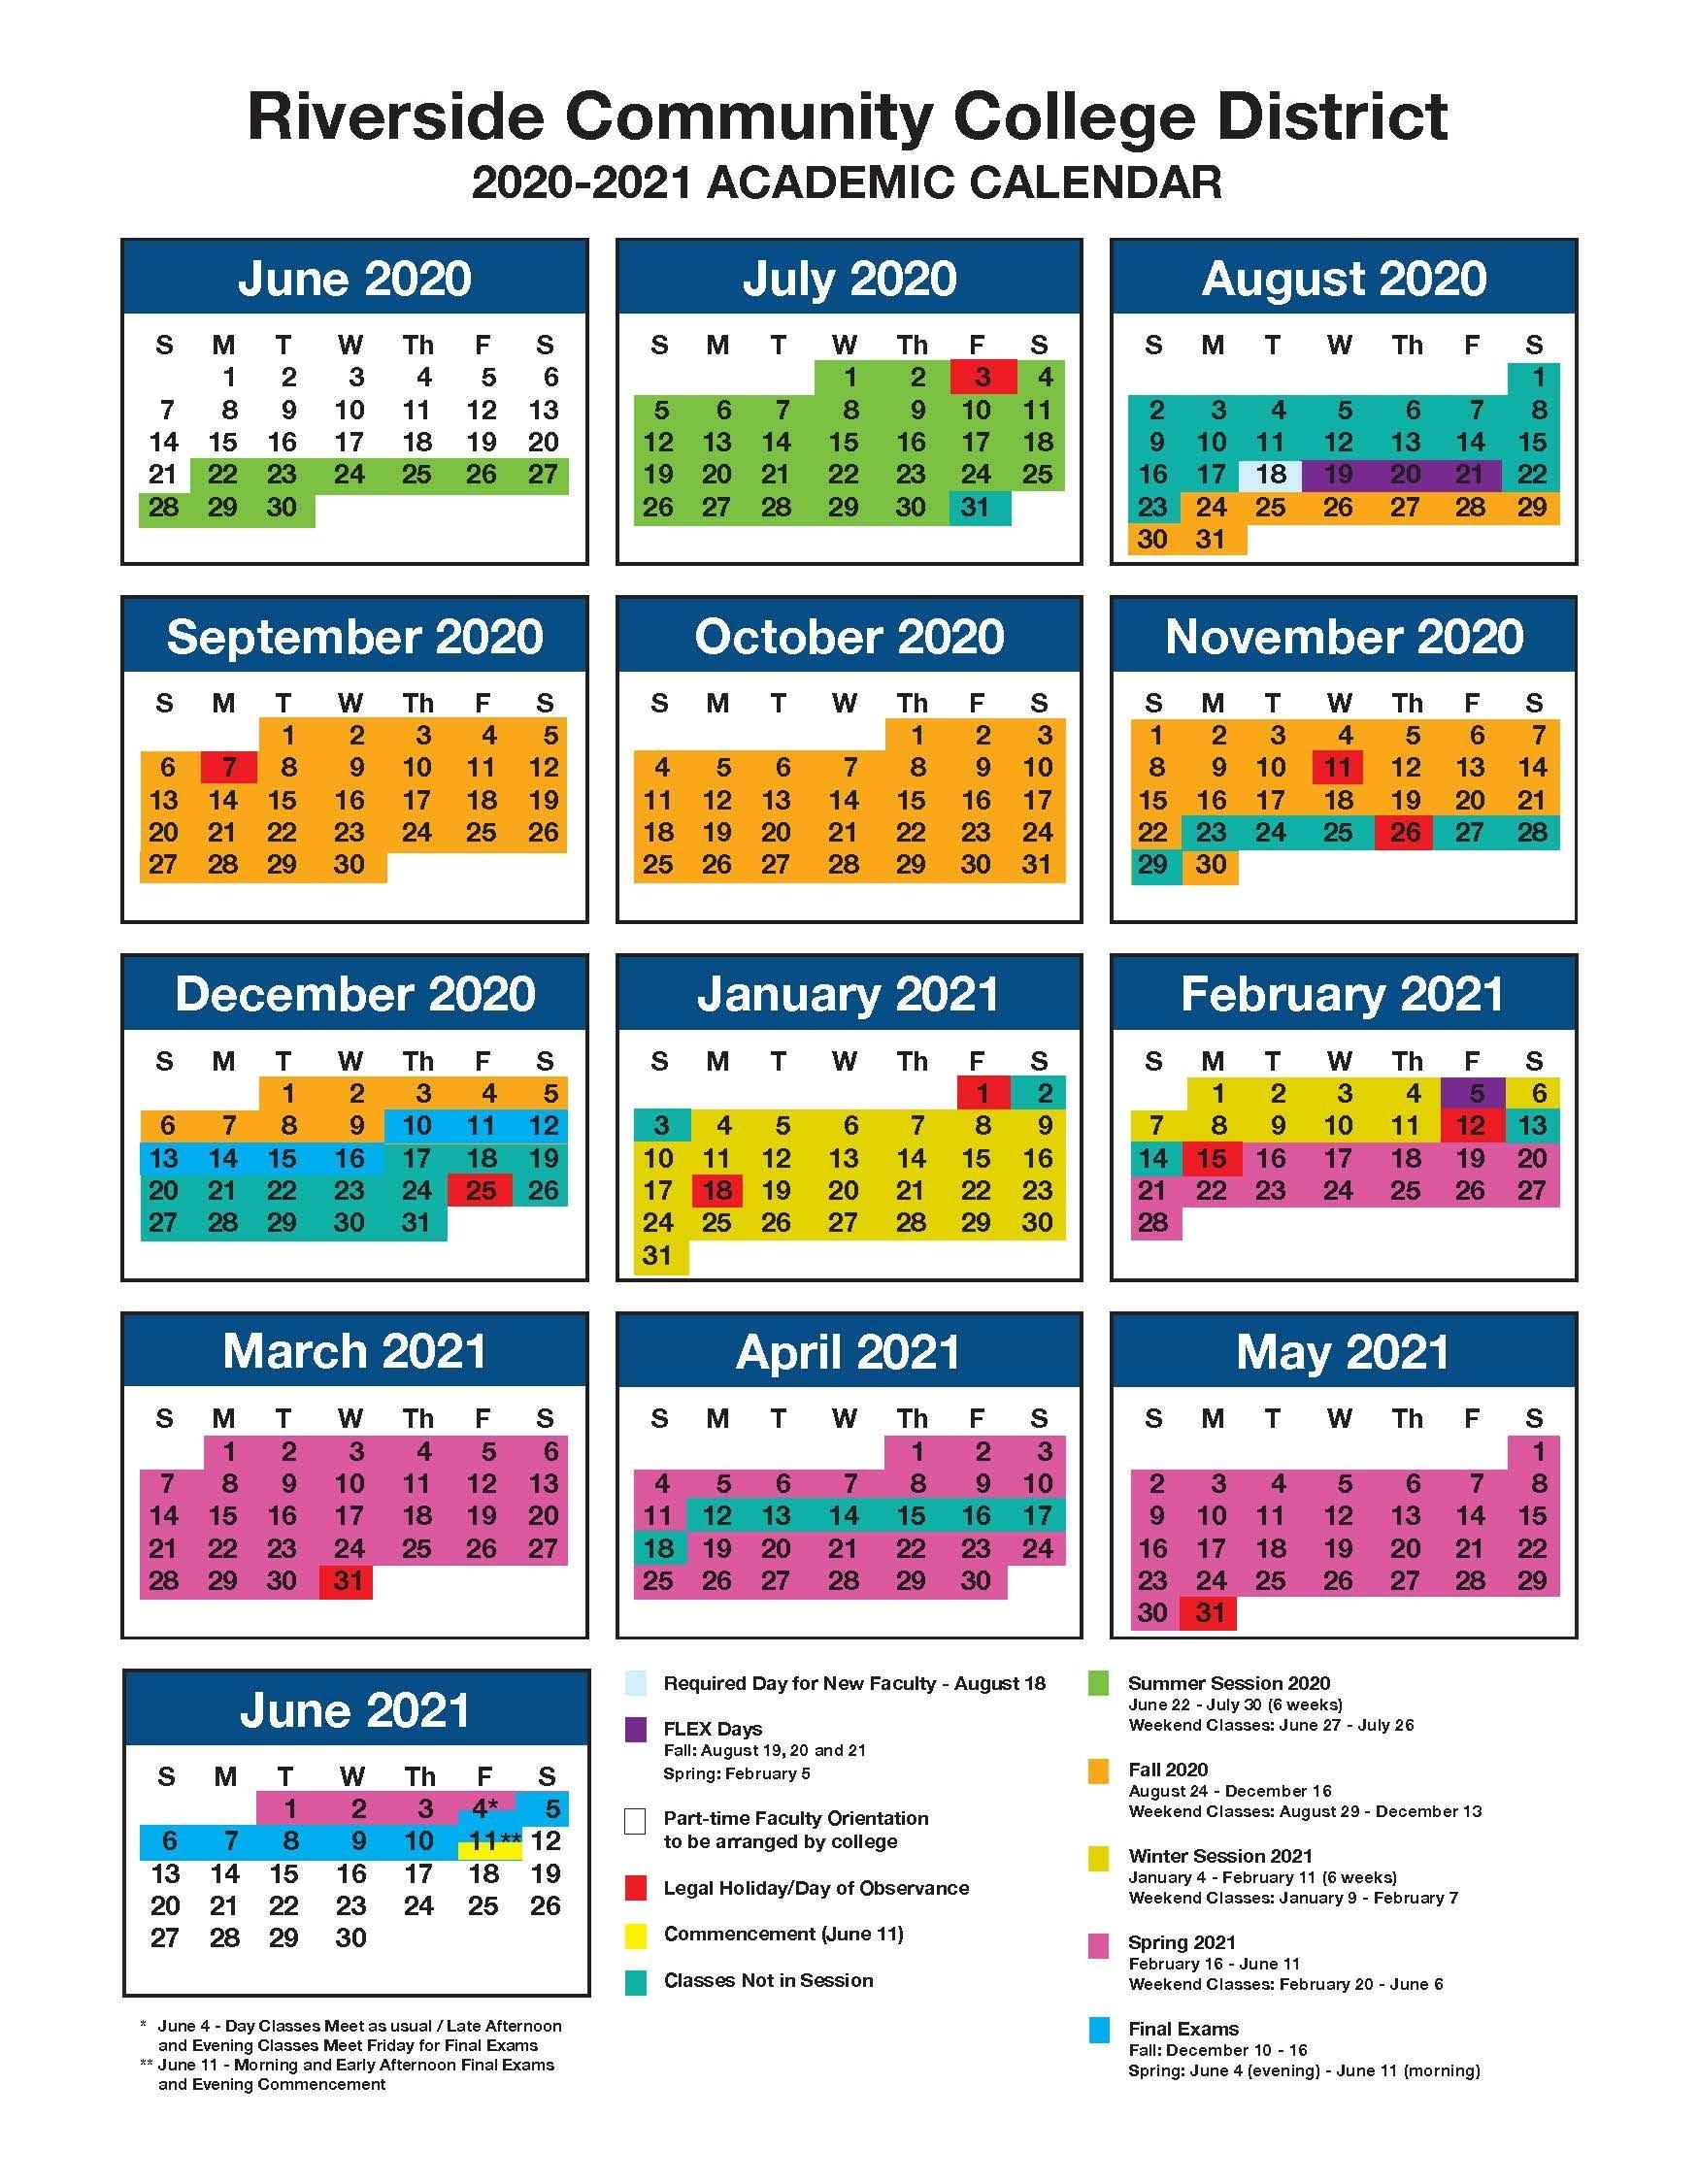 Rccd Payroll Calendar | Payroll Calendar 2021